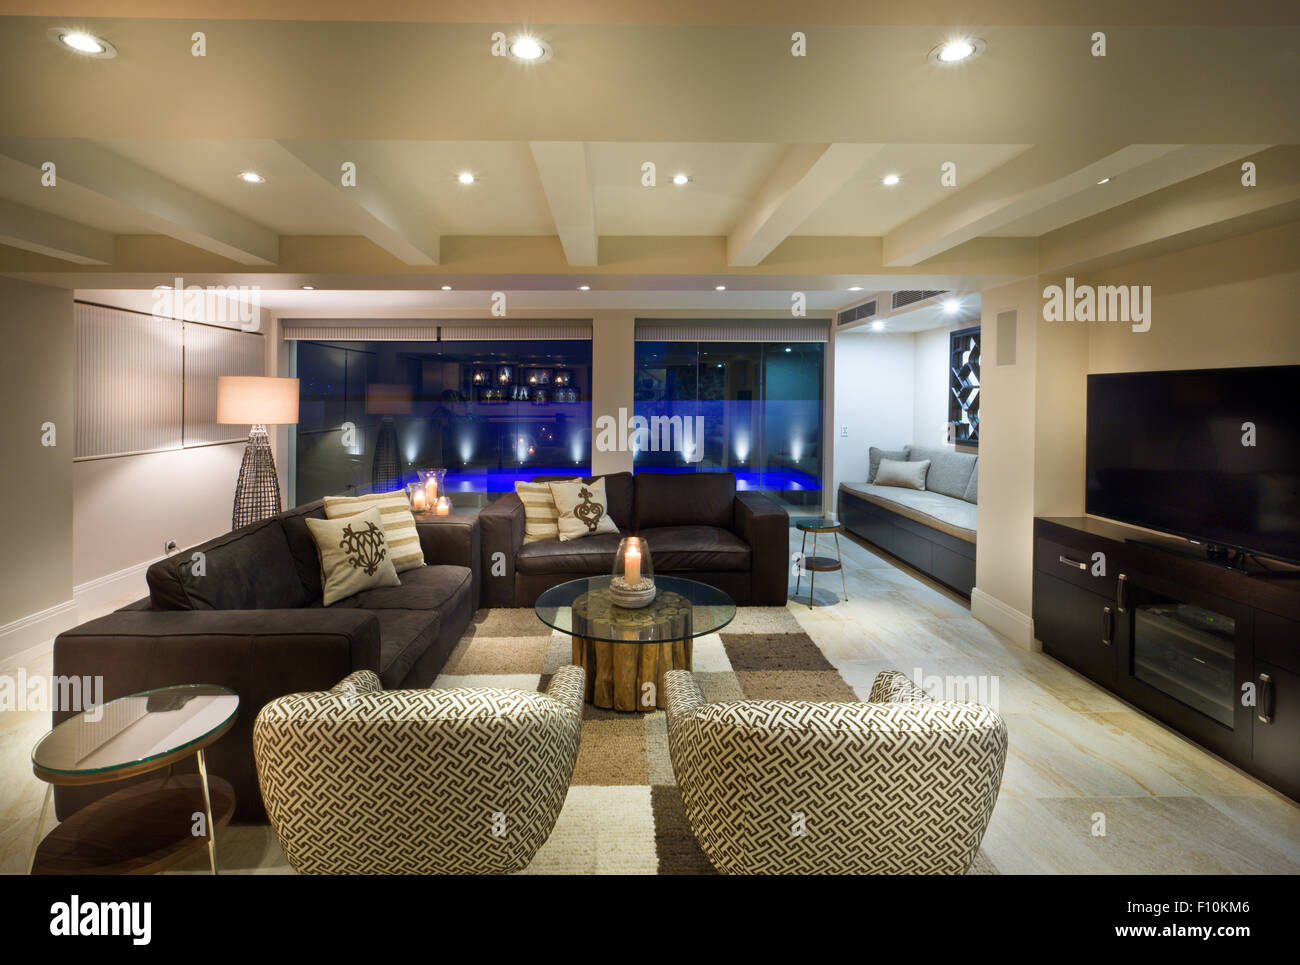 Schönes Wohnzimmer mit großen Fenstern, set paar Sofas und Sesseln ...